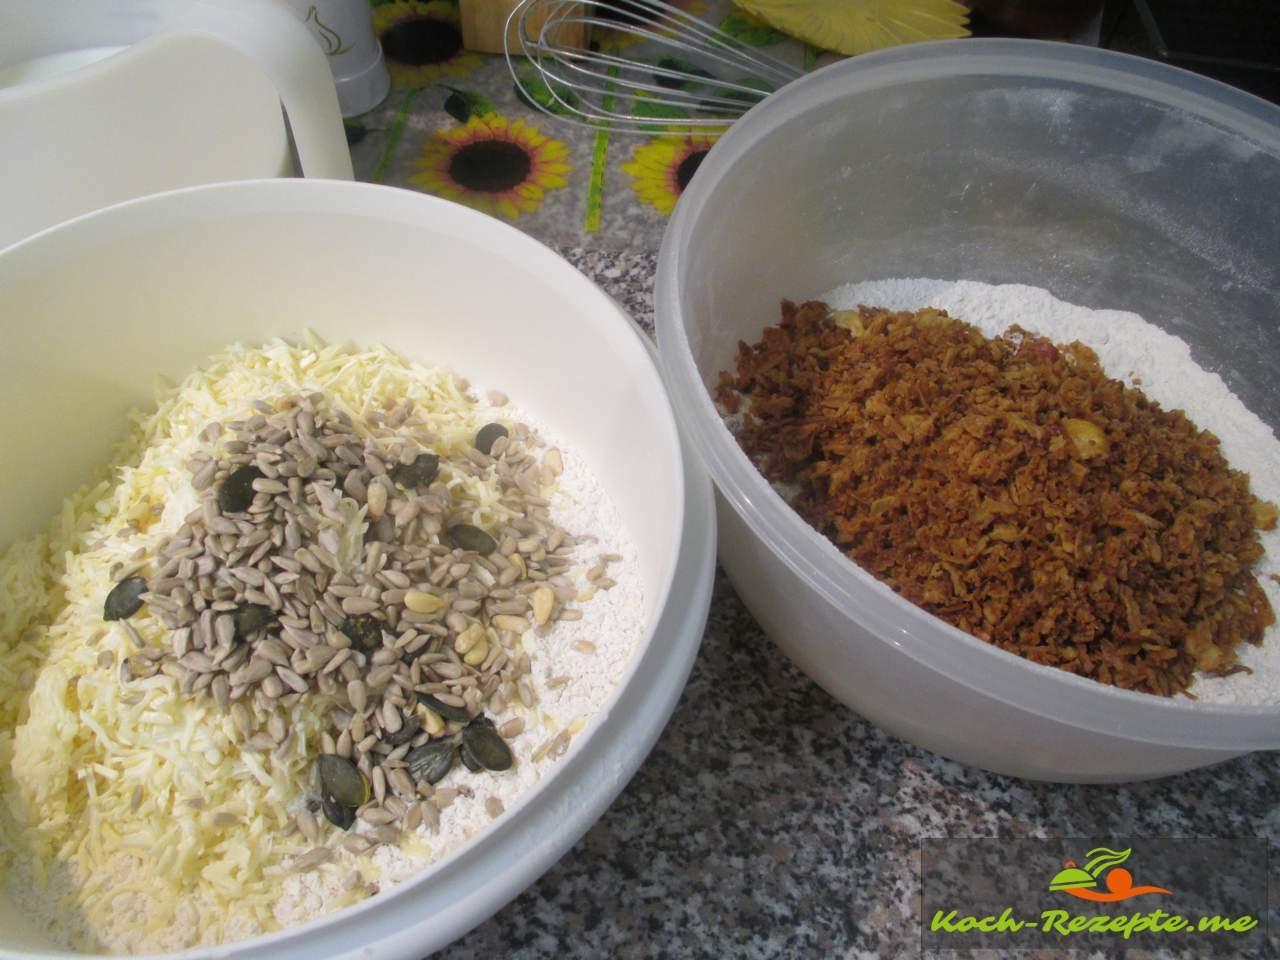 Nach diesem Rezept geröstete Zwiebeln unterheben dann die Milch unterrühren